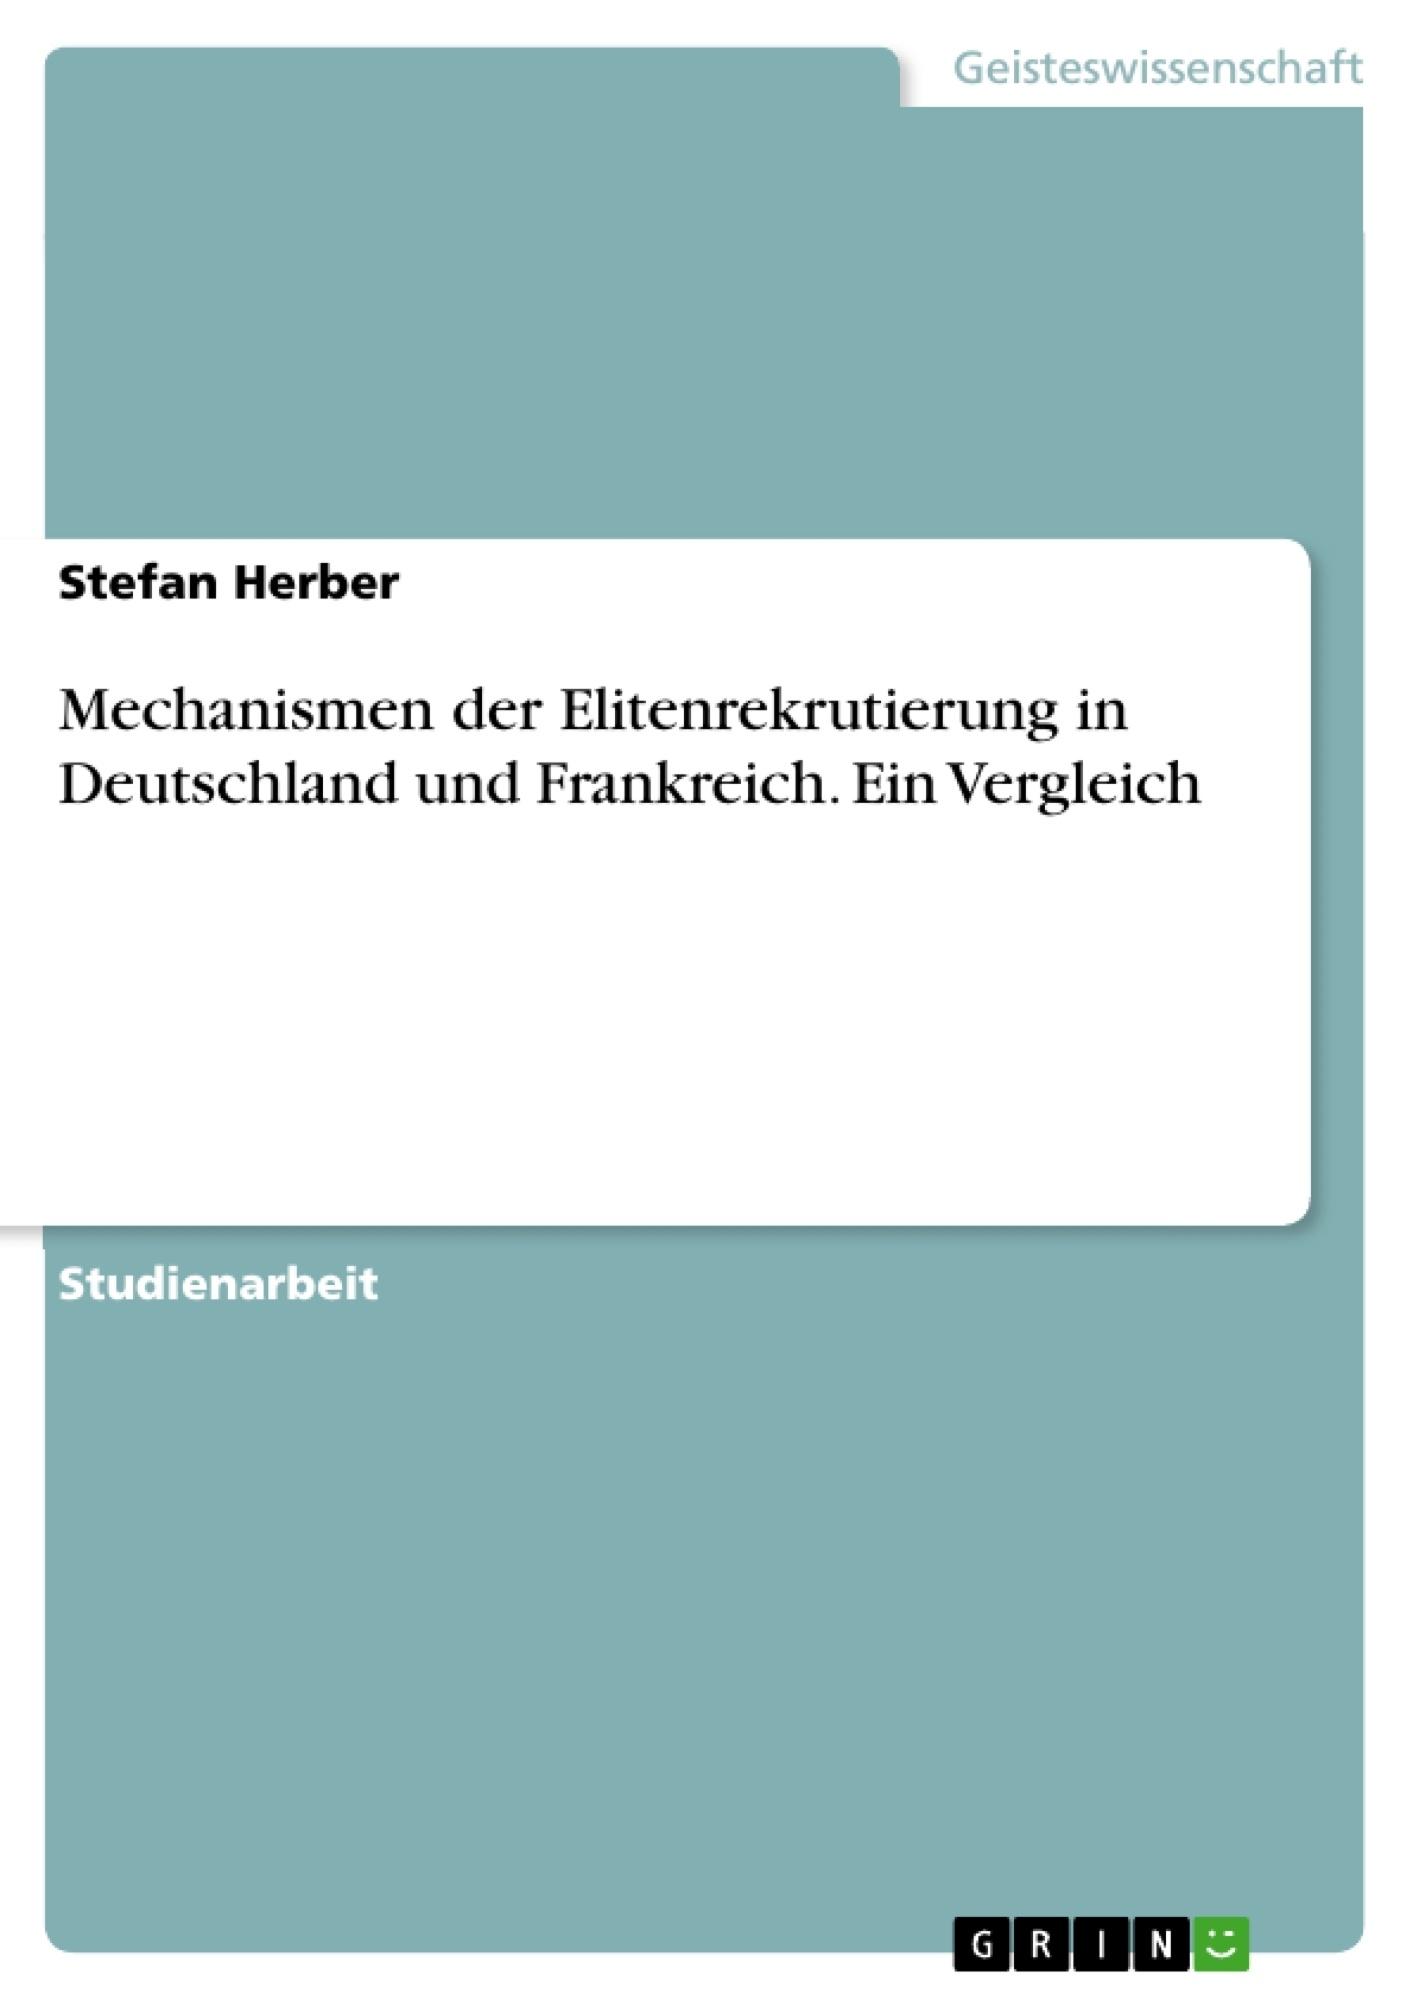 Titel: Mechanismen der Elitenrekrutierung in Deutschland und Frankreich. Ein Vergleich